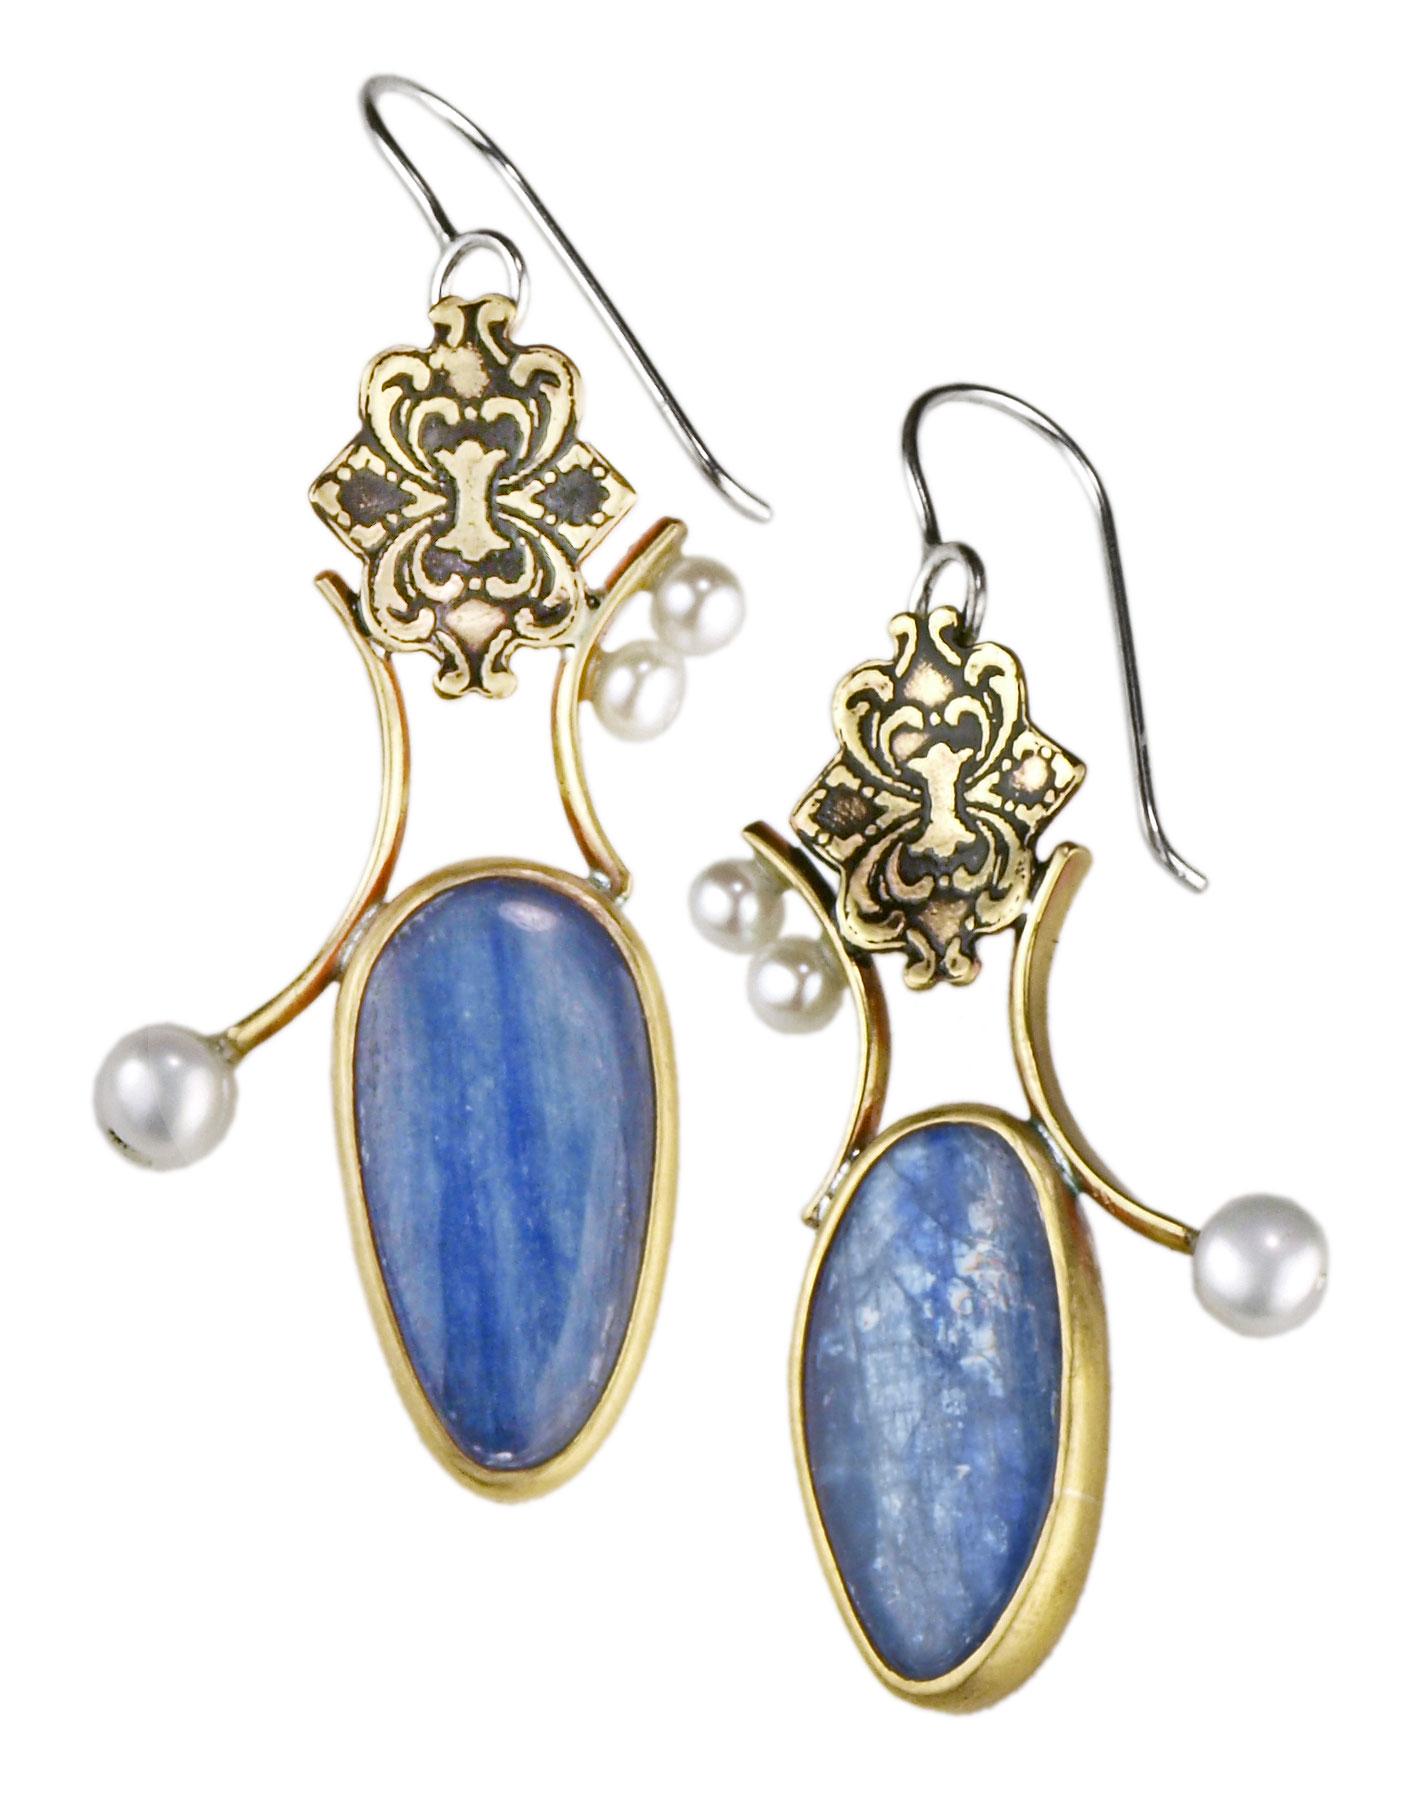 Naiad Earrings